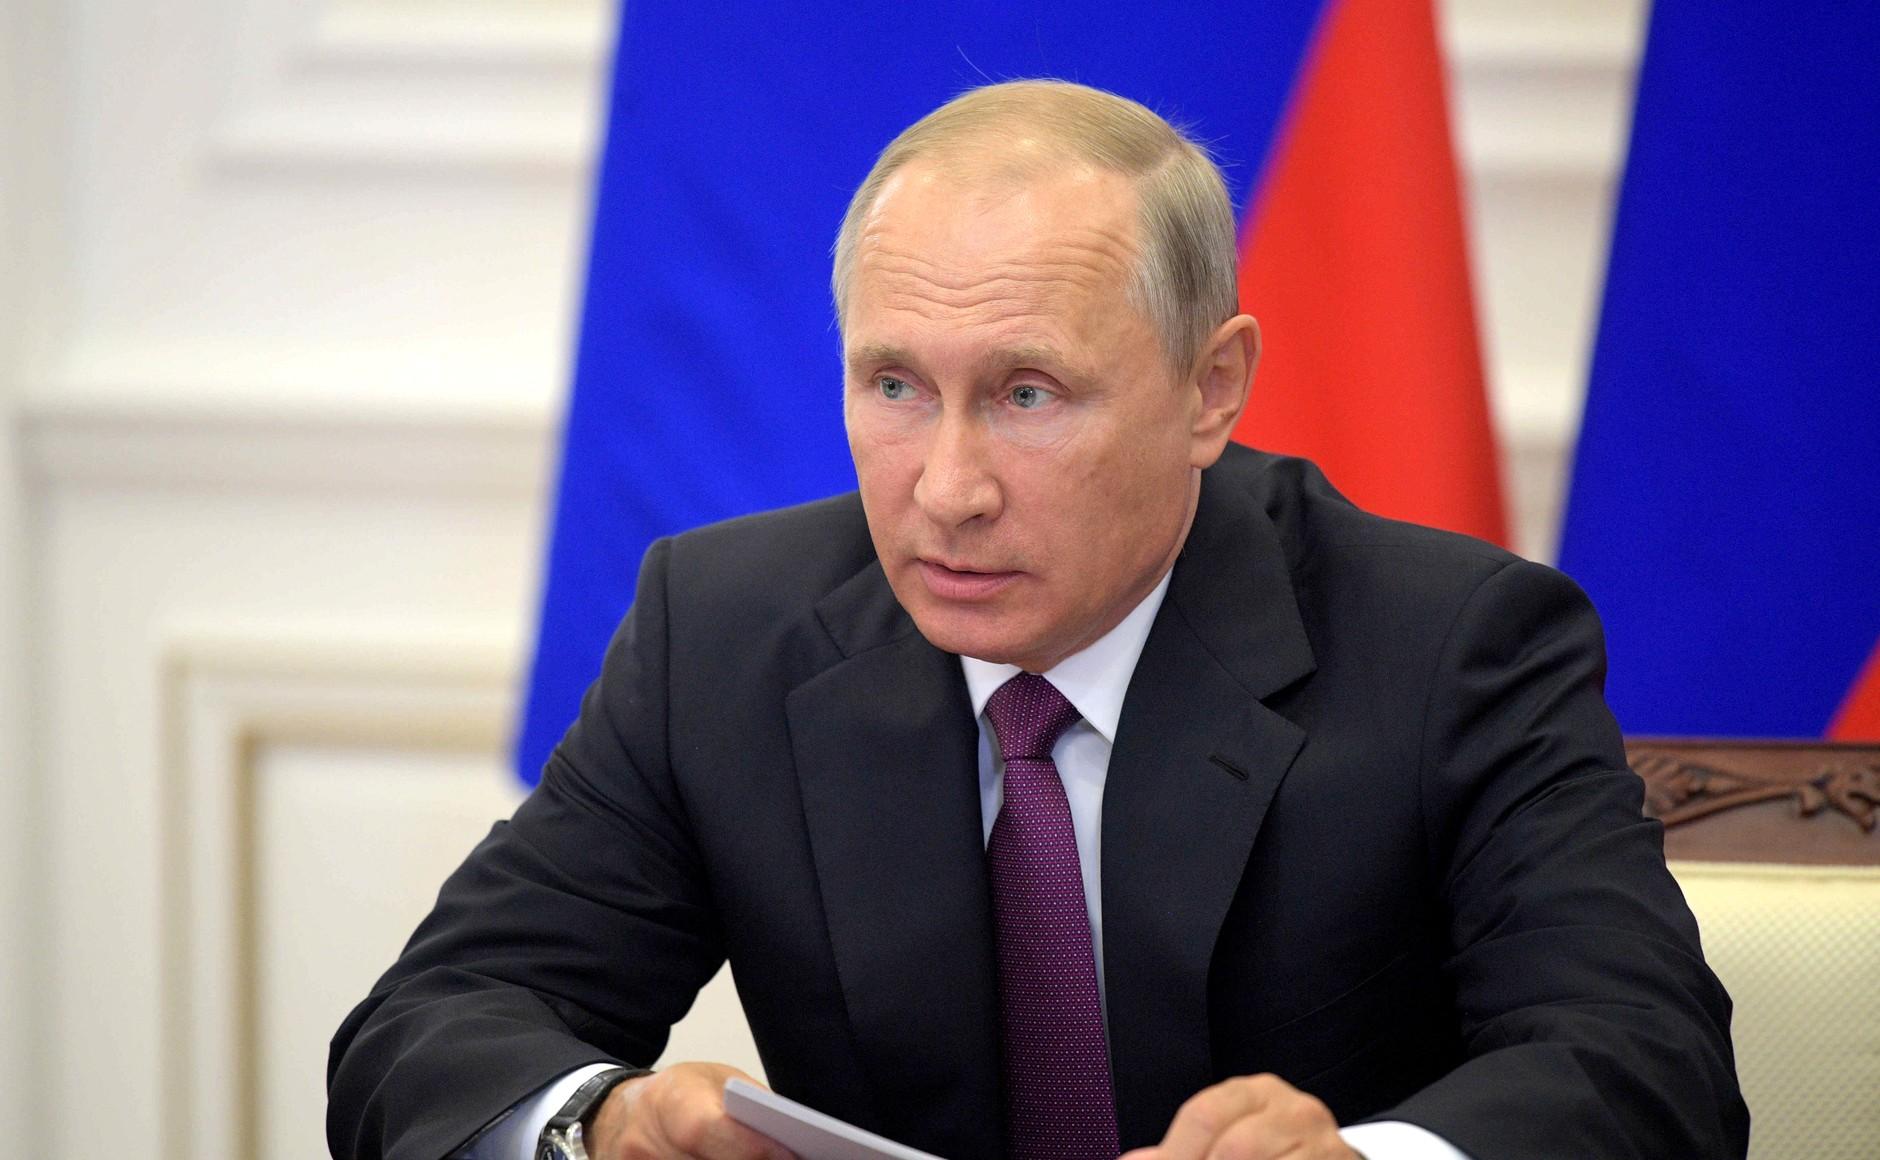 Путин отметил самый низкий за современную историю уровень безработицы в России